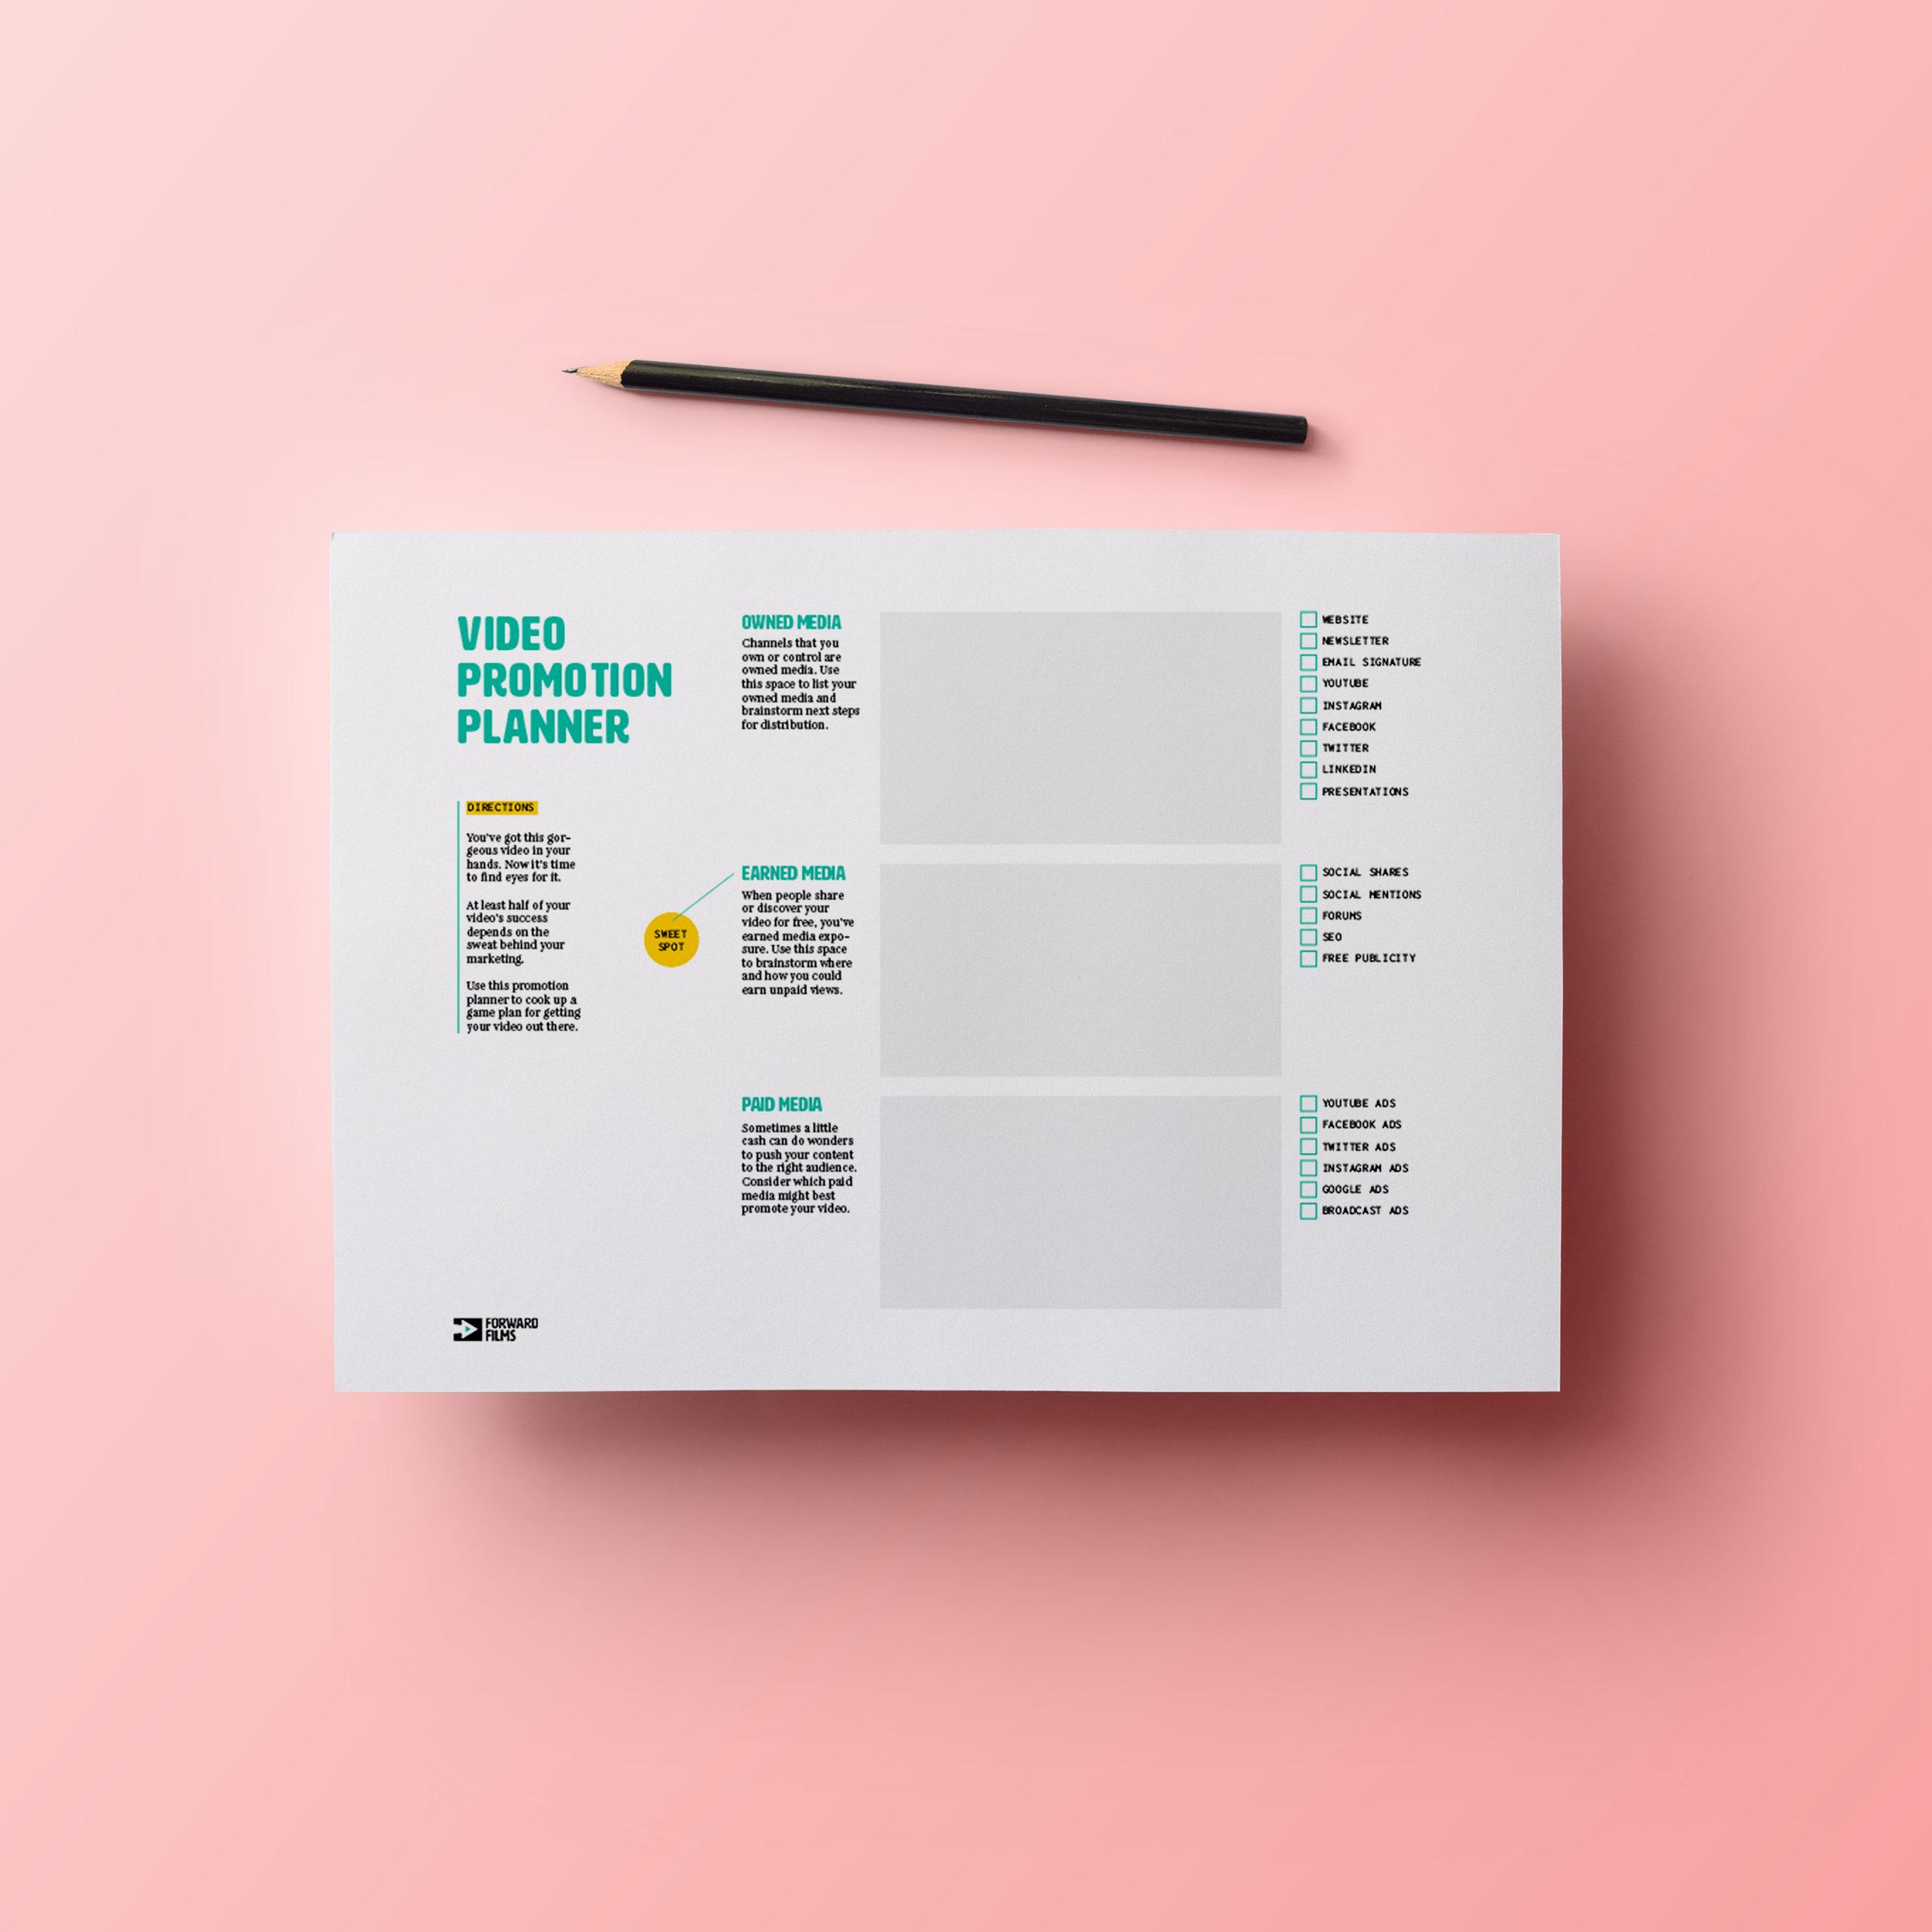 Promotion planner mockup coral pencil.jpg